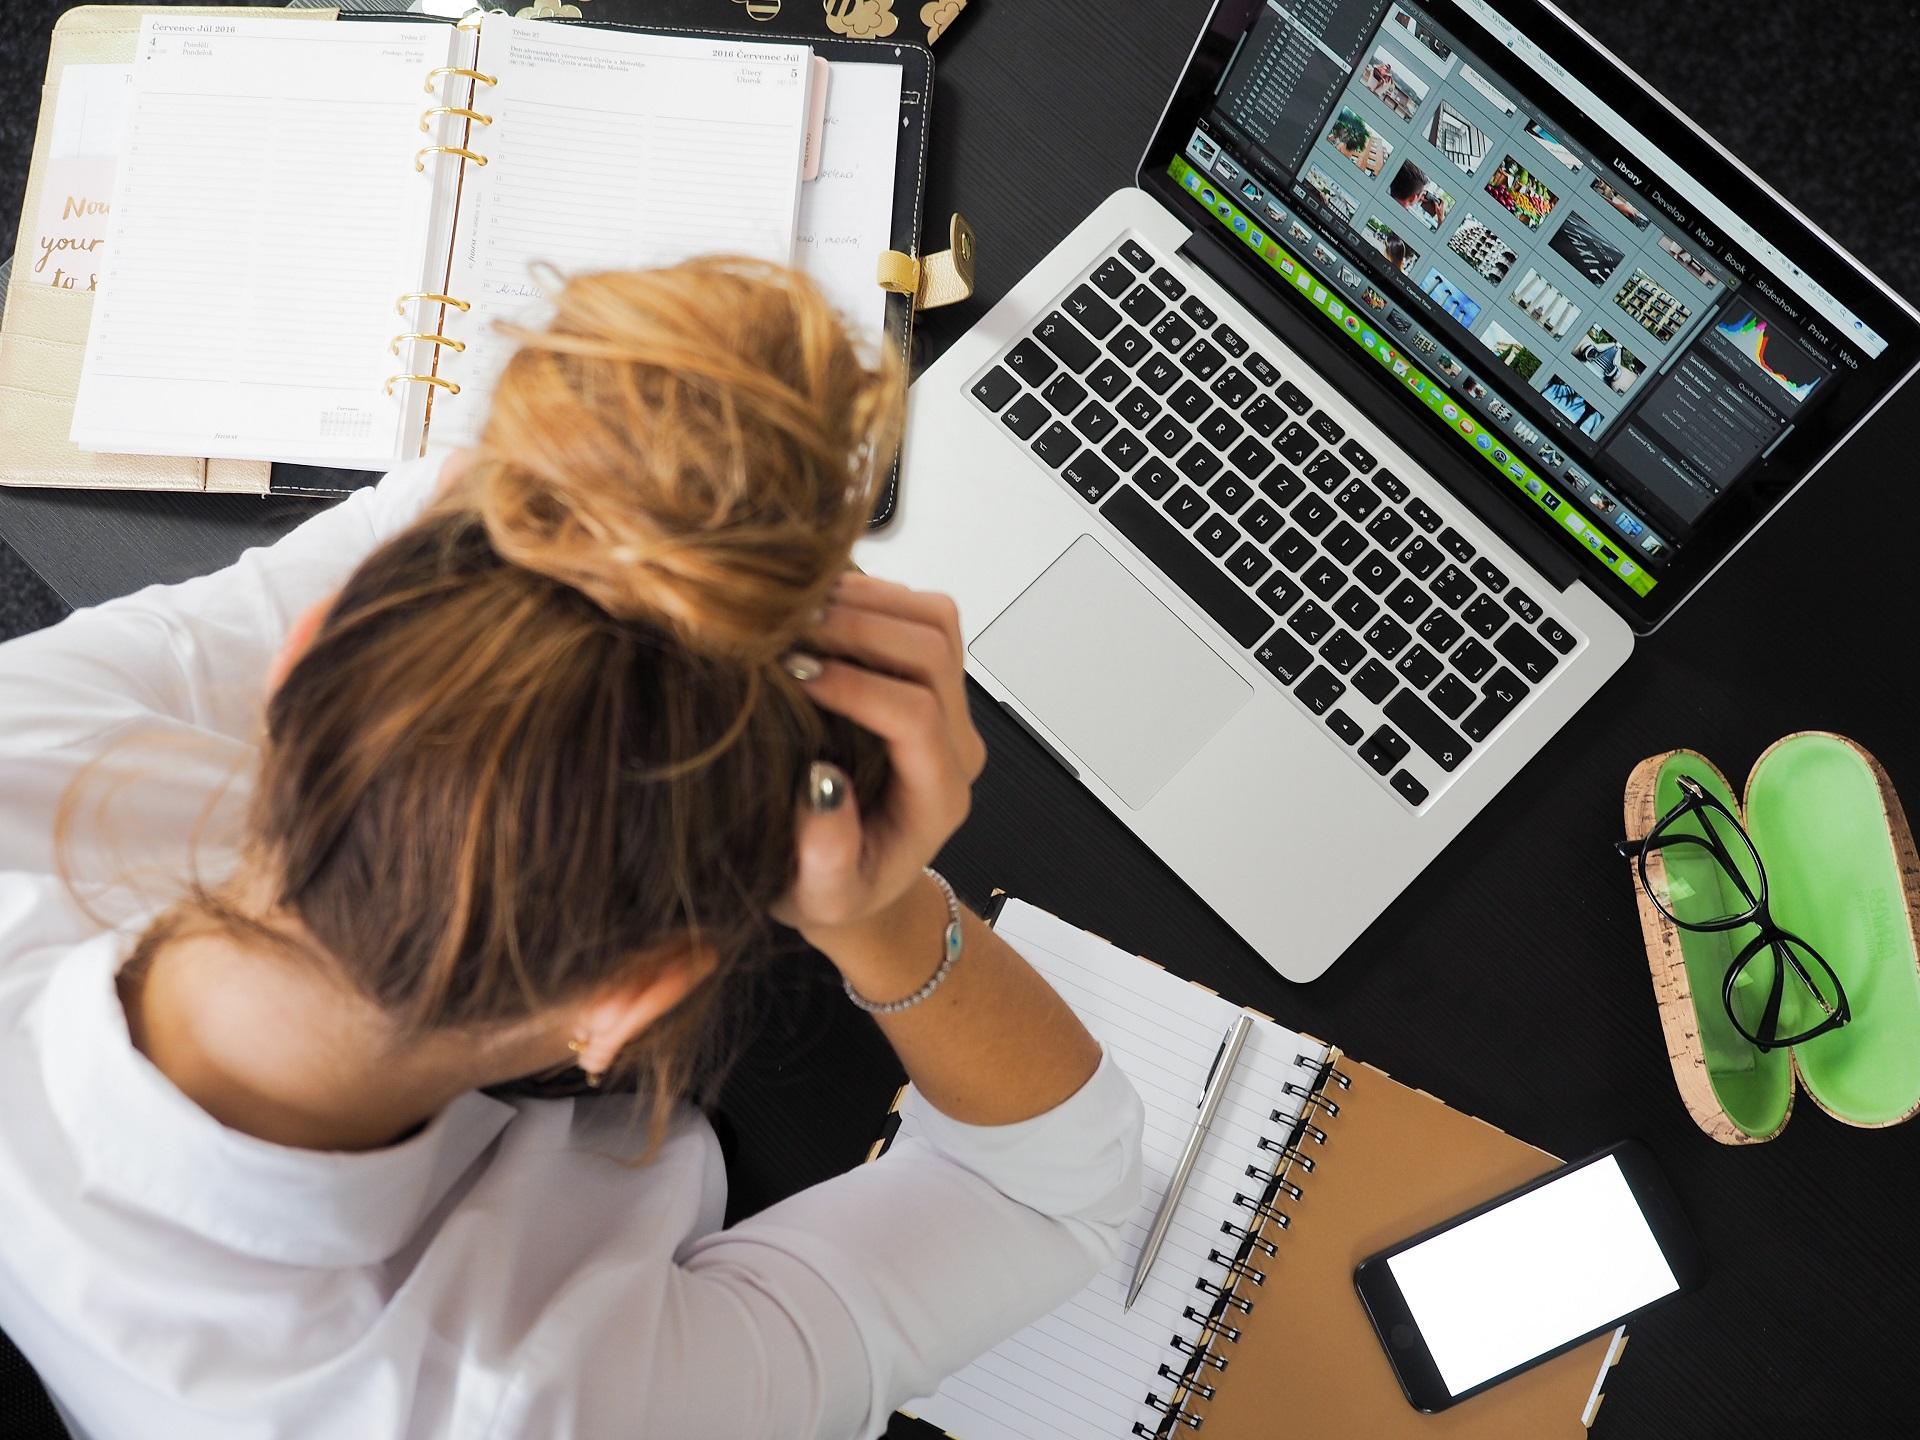 Fehlerkultur in Unternehmen – wichtig für Kommunikation und Prozesse